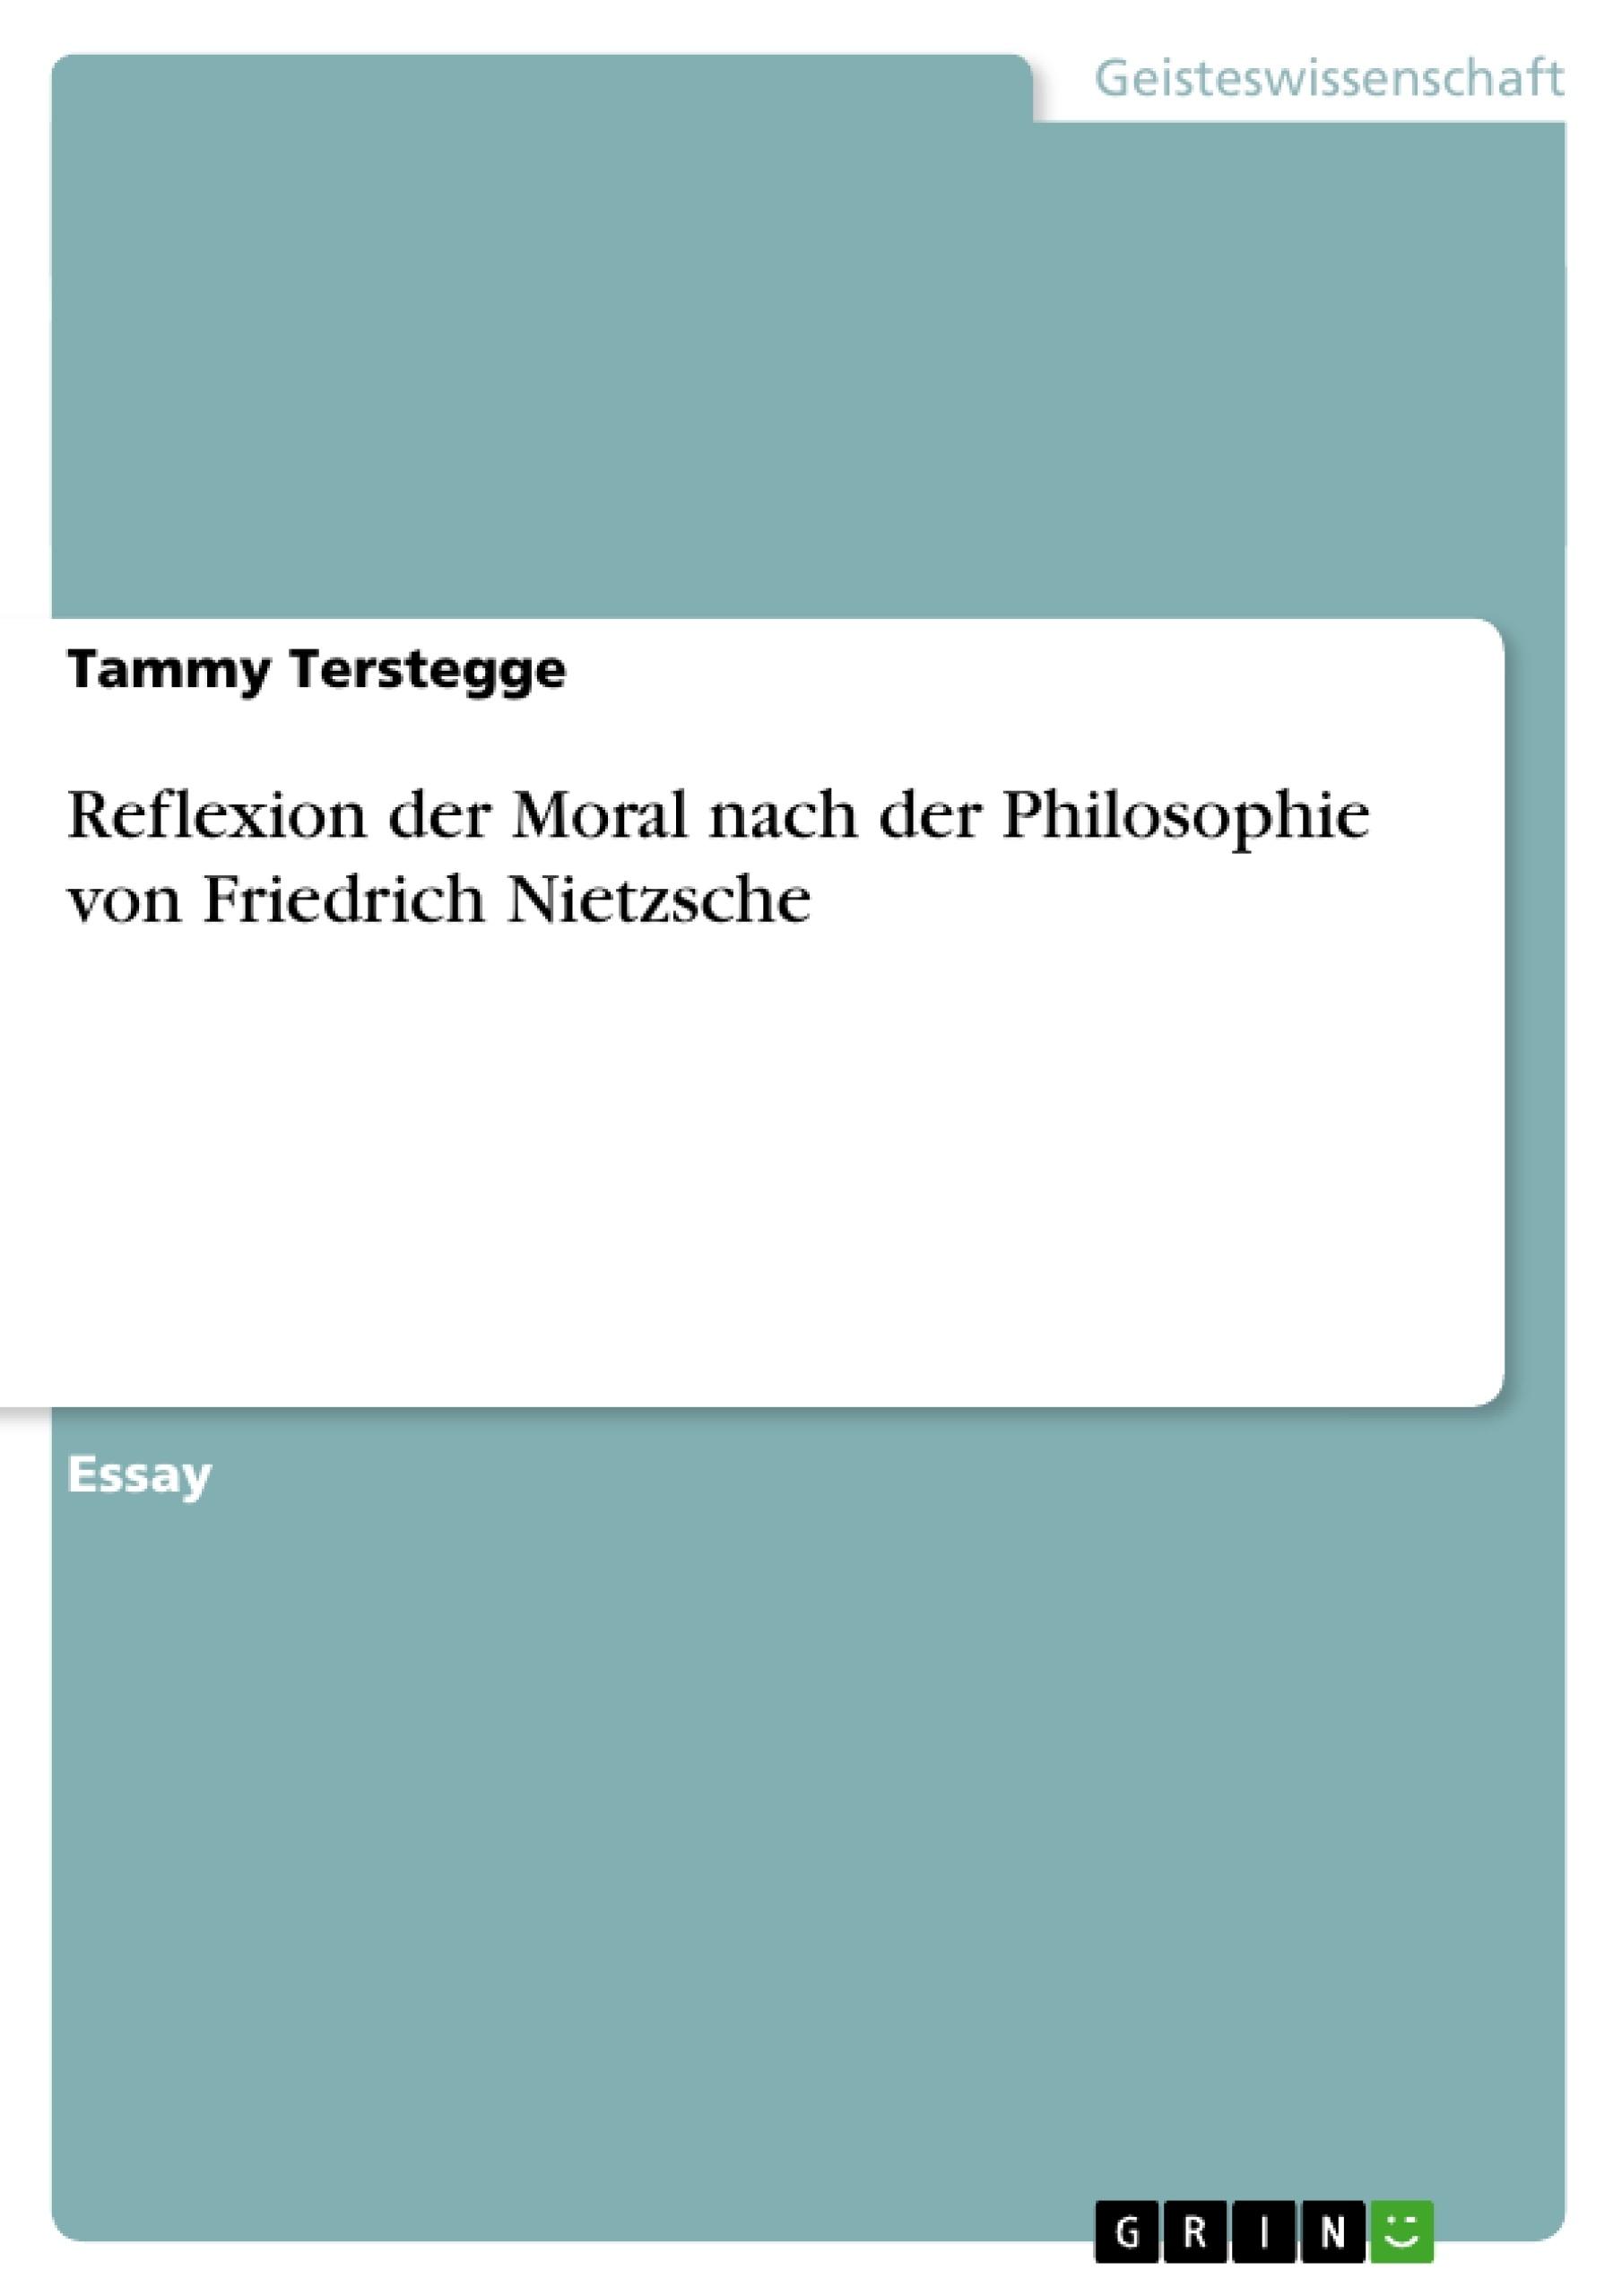 Titel: Reflexion der Moral nach der Philosophie von Friedrich Nietzsche